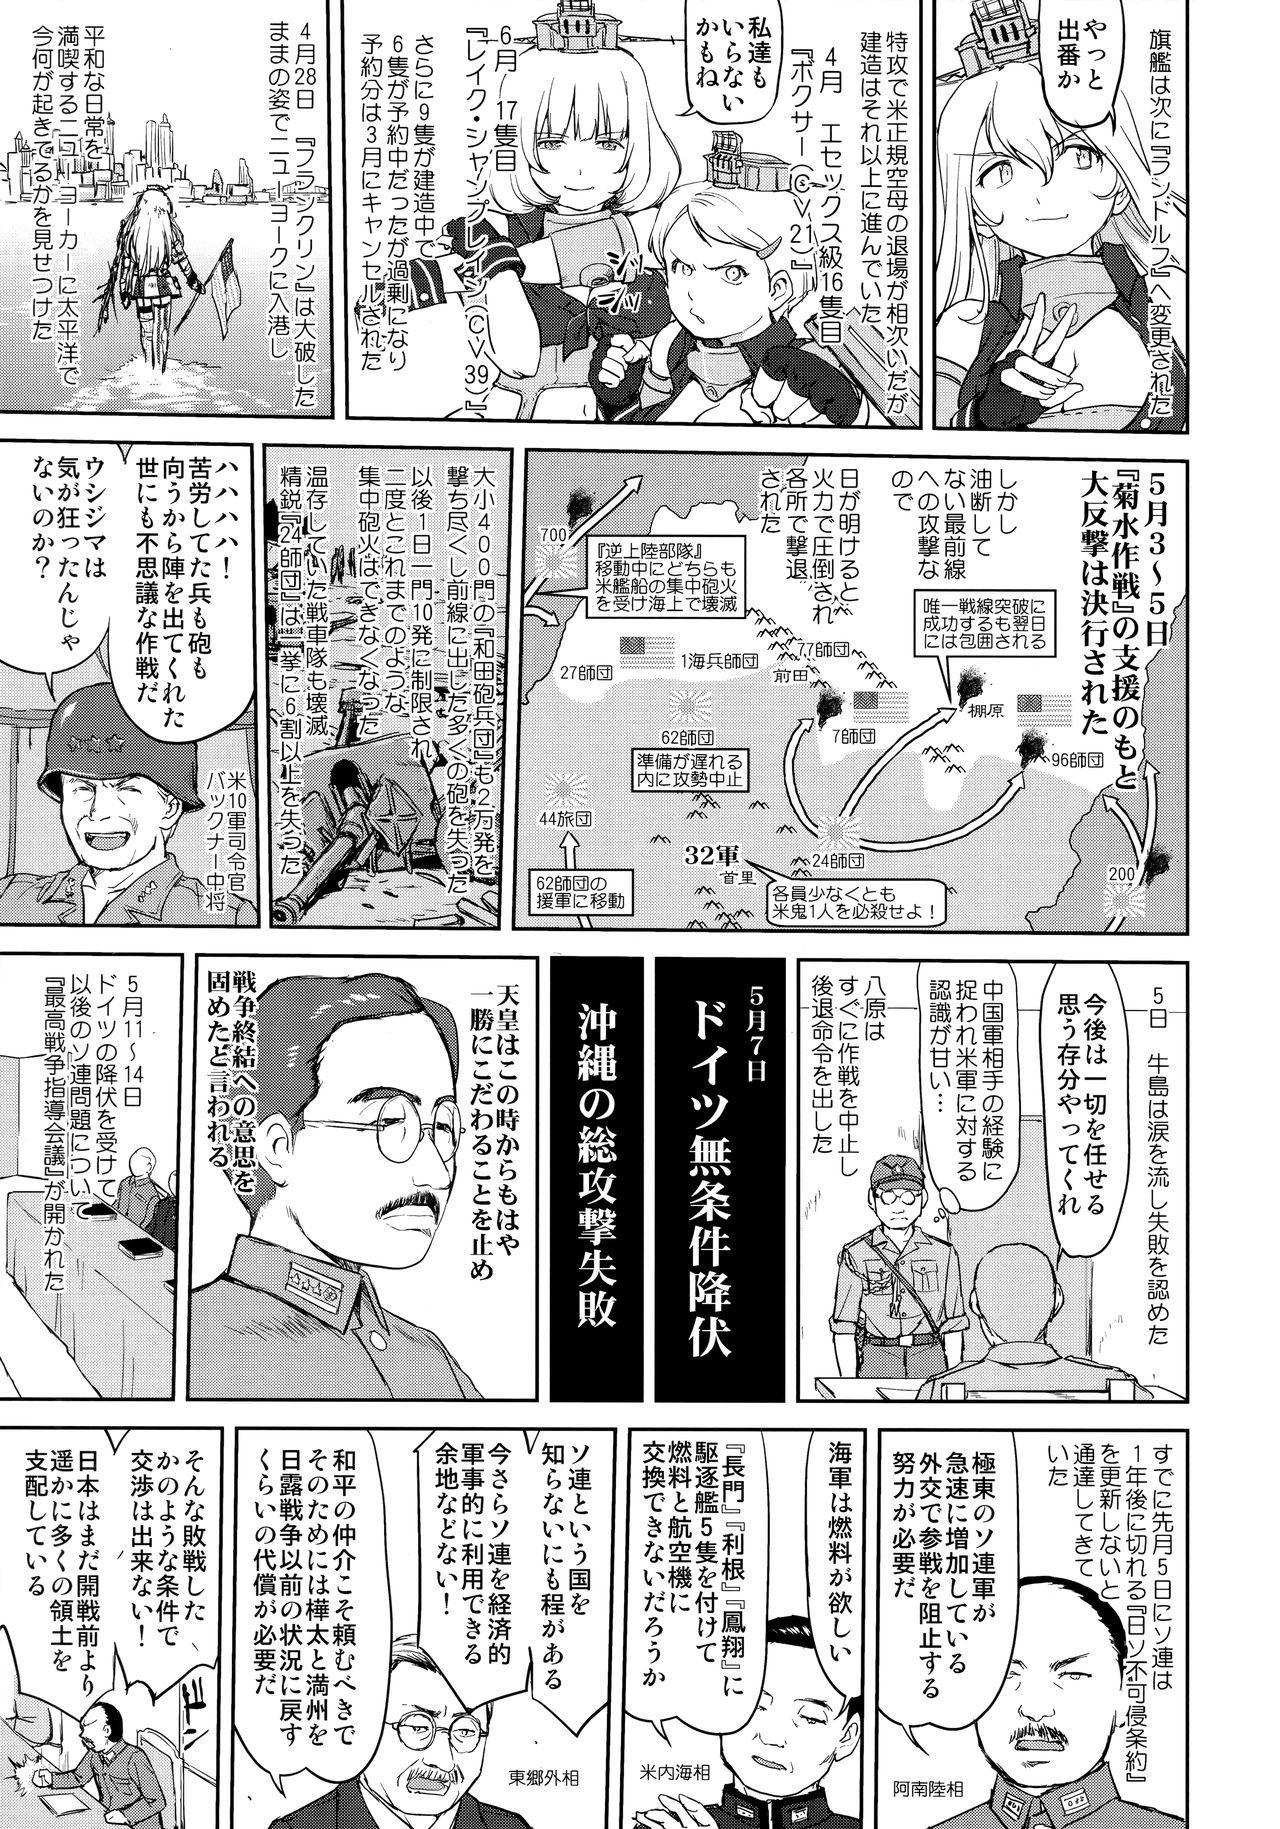 Teitoku no Ketsudan Kanmusu no Ichiban Nagai Hi 25